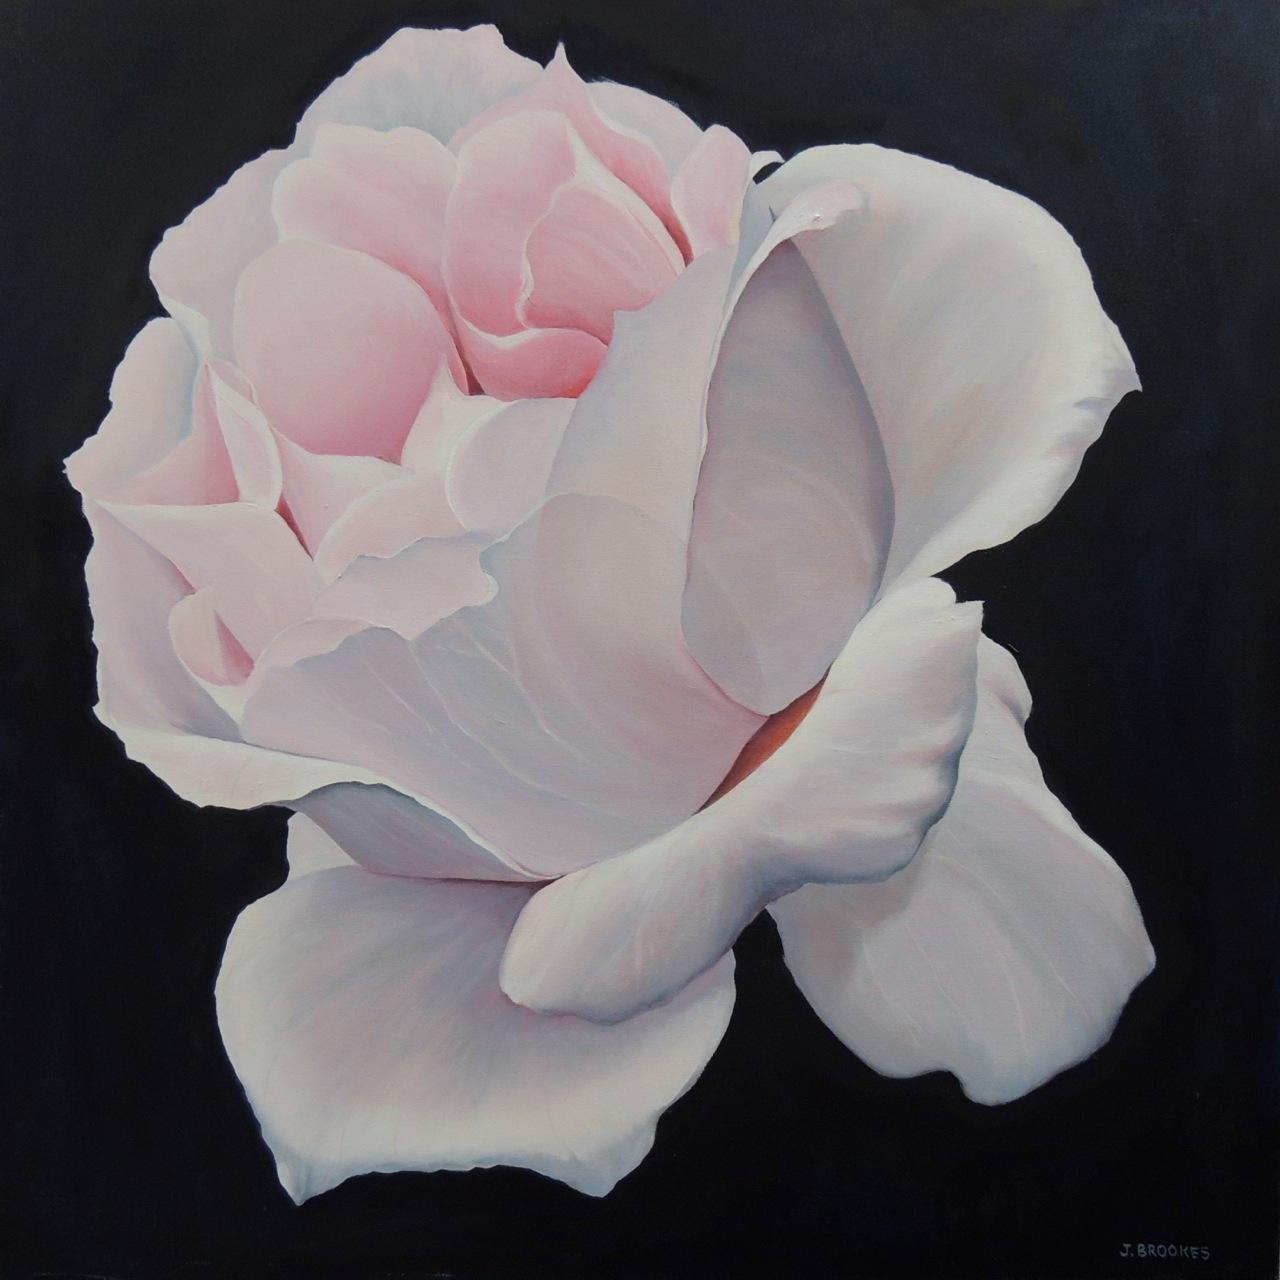 a-pale-rose-24x24